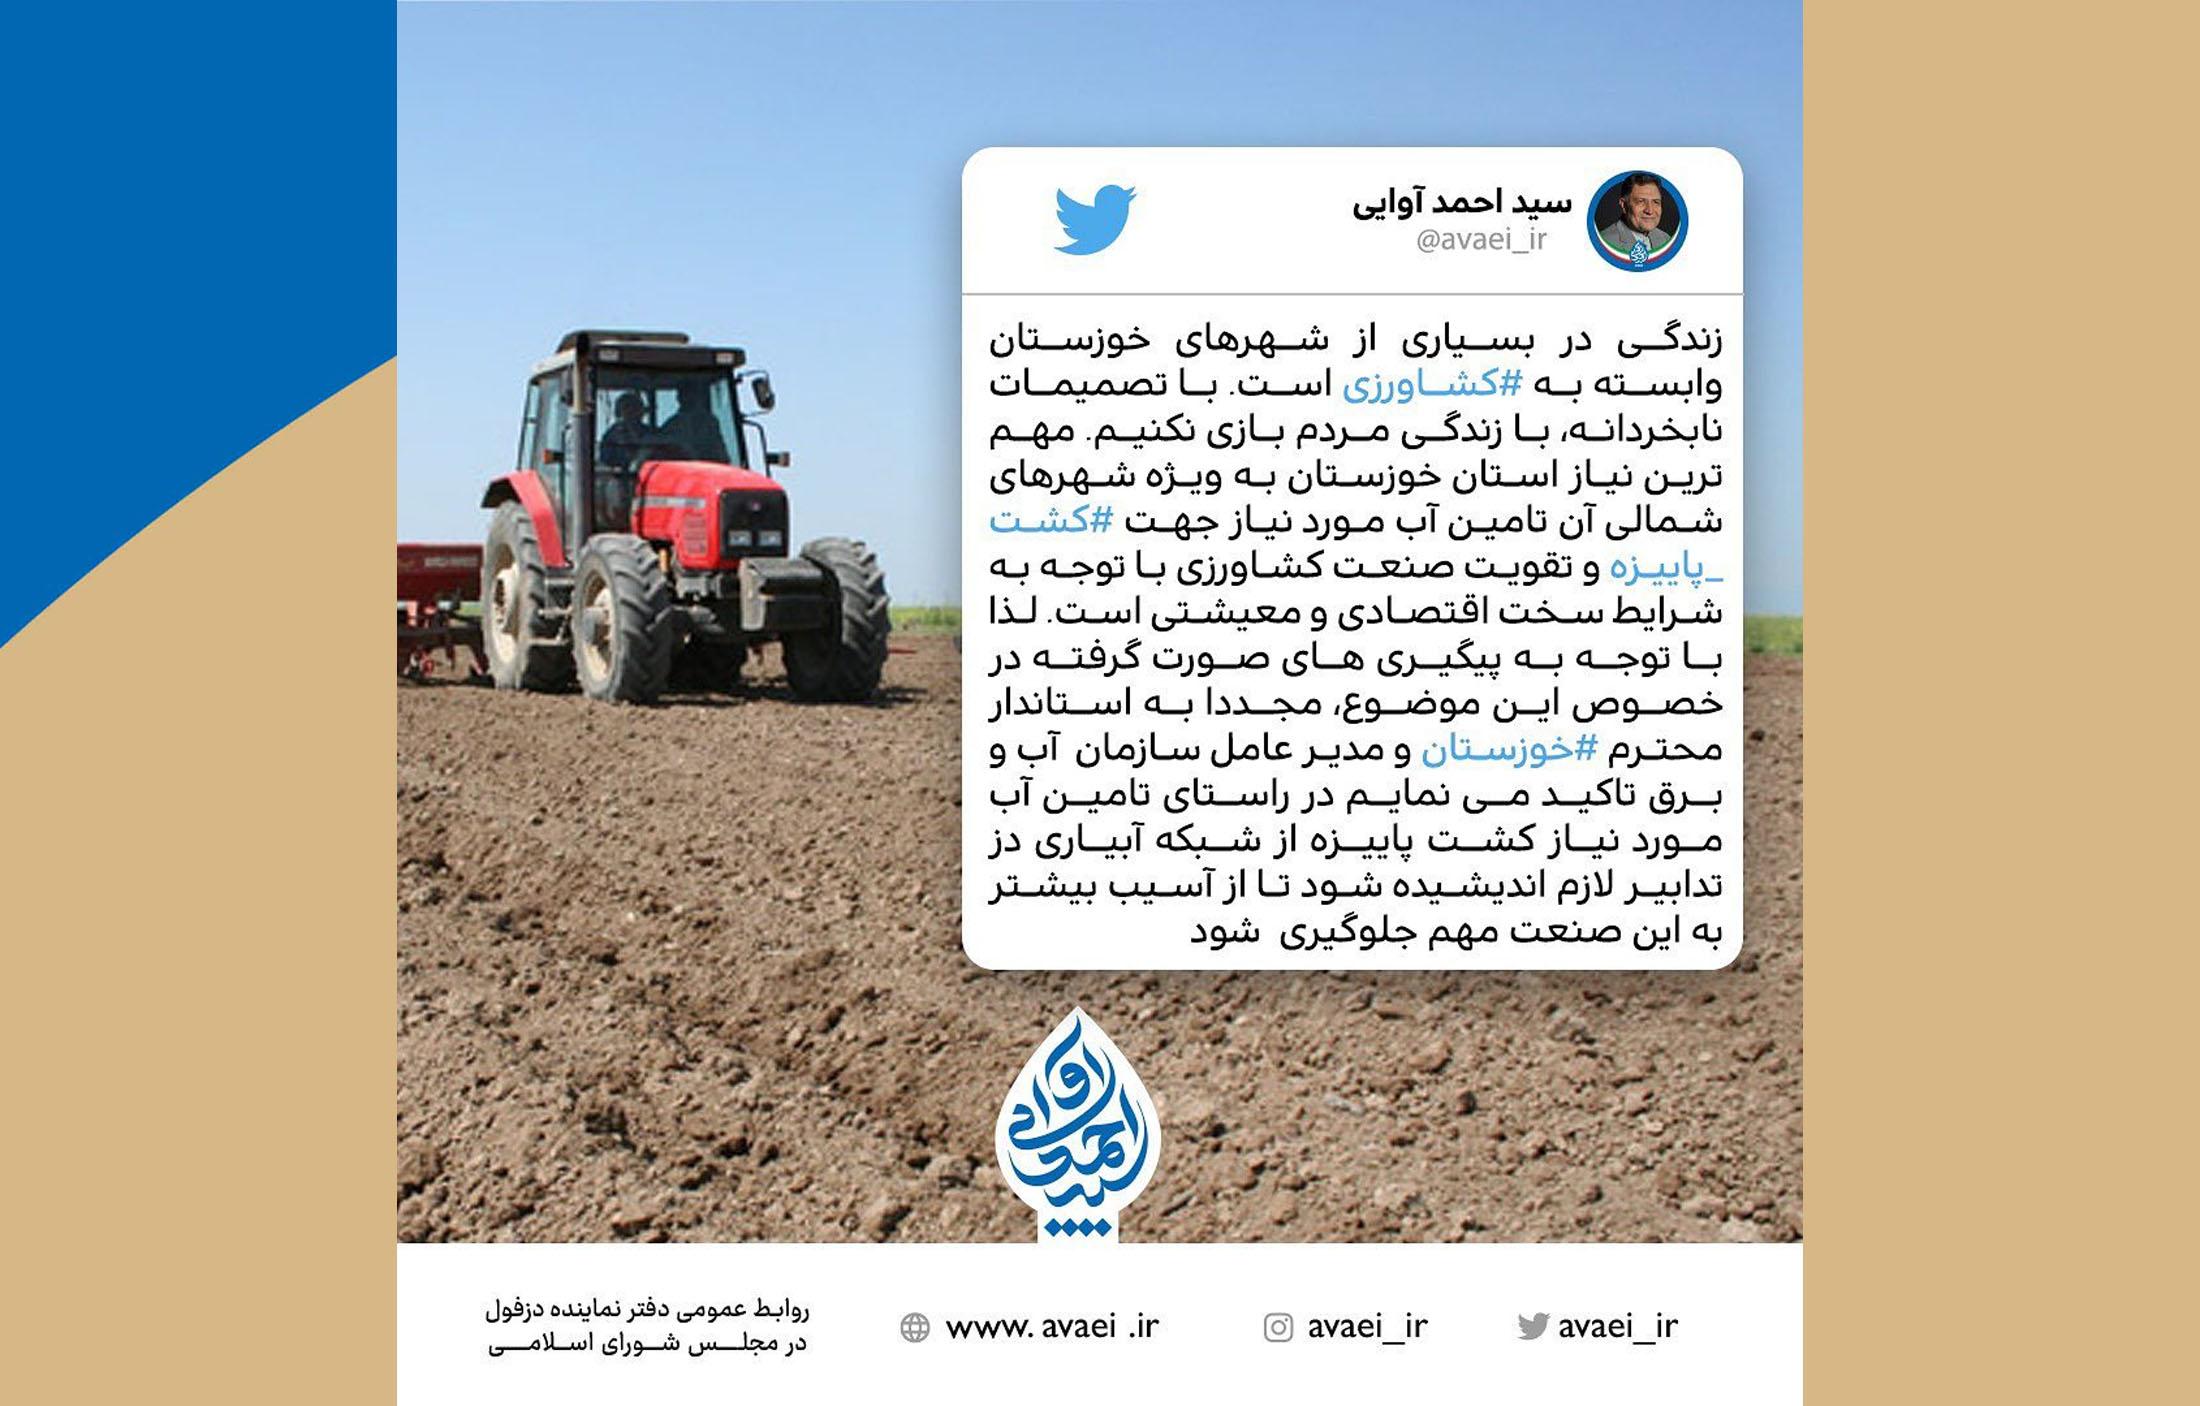 آوایی: تدابیر لازم جهت تامین آب مورد نیاز کشاورزان اندیشیده شود